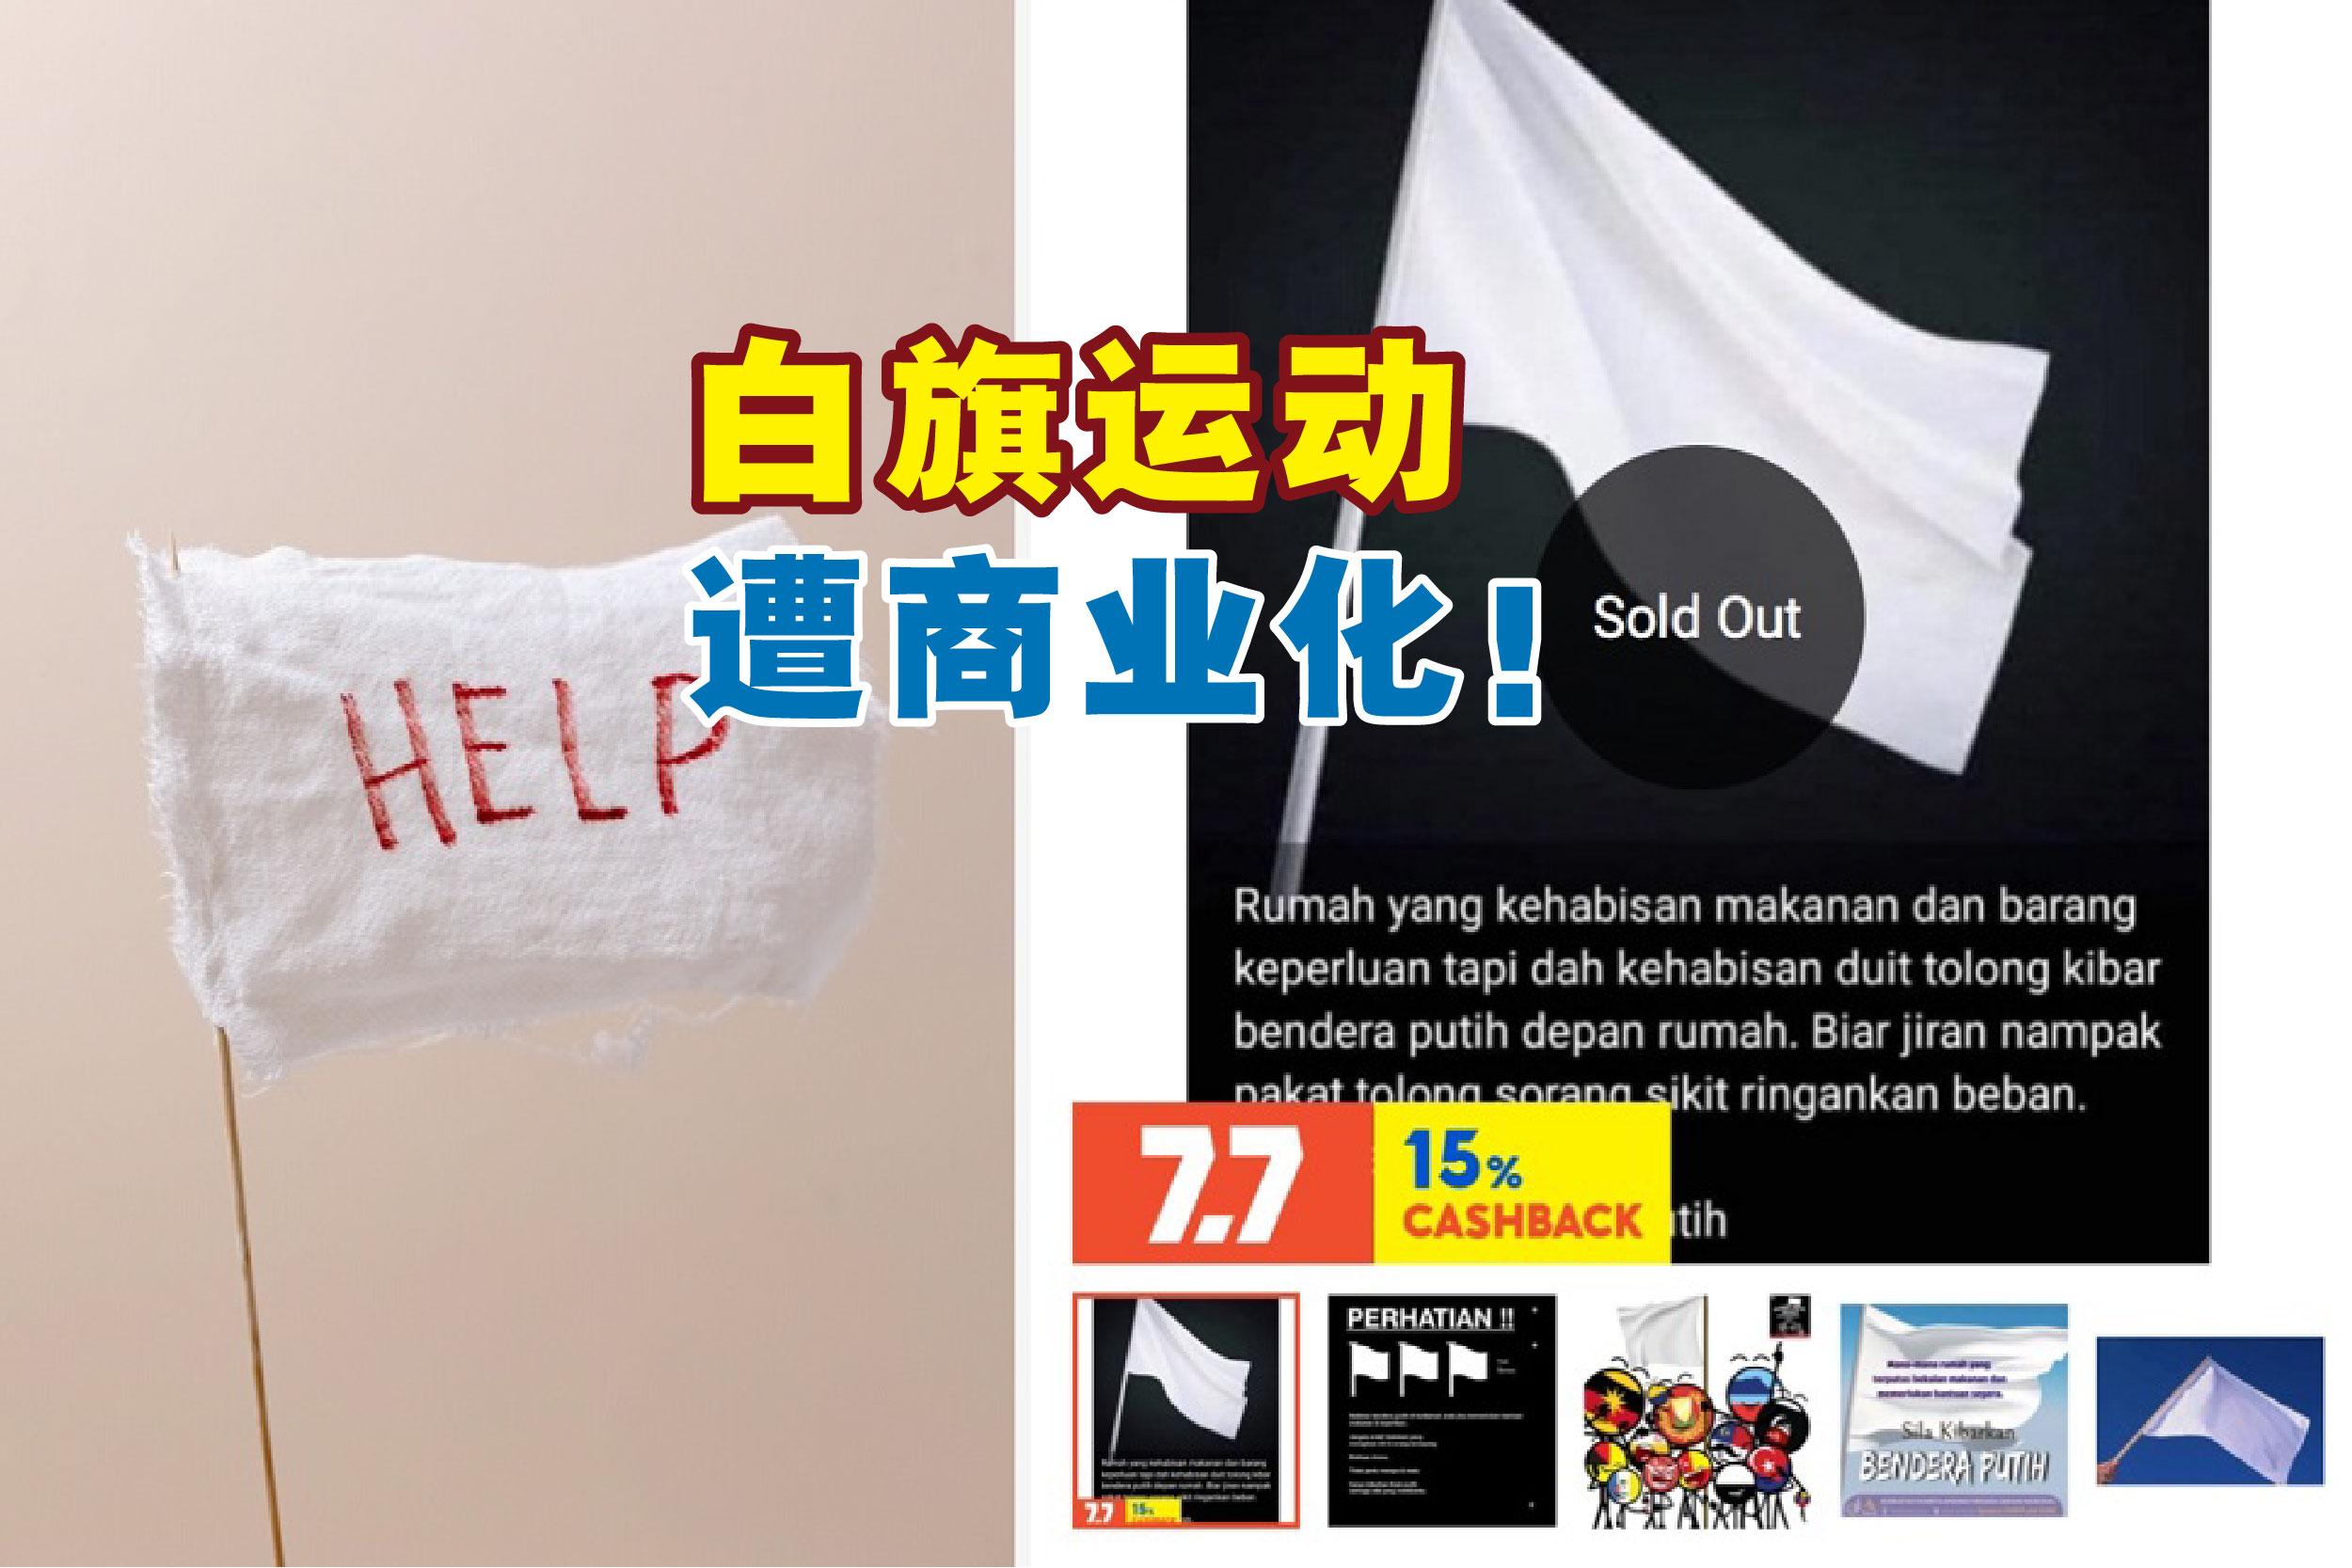 """在7.7年中促销期间,竟有商家商业化""""白旗互助运动(Bendera Putih)"""",在网购平台出售白旗与T恤。-精彩大马制图-"""